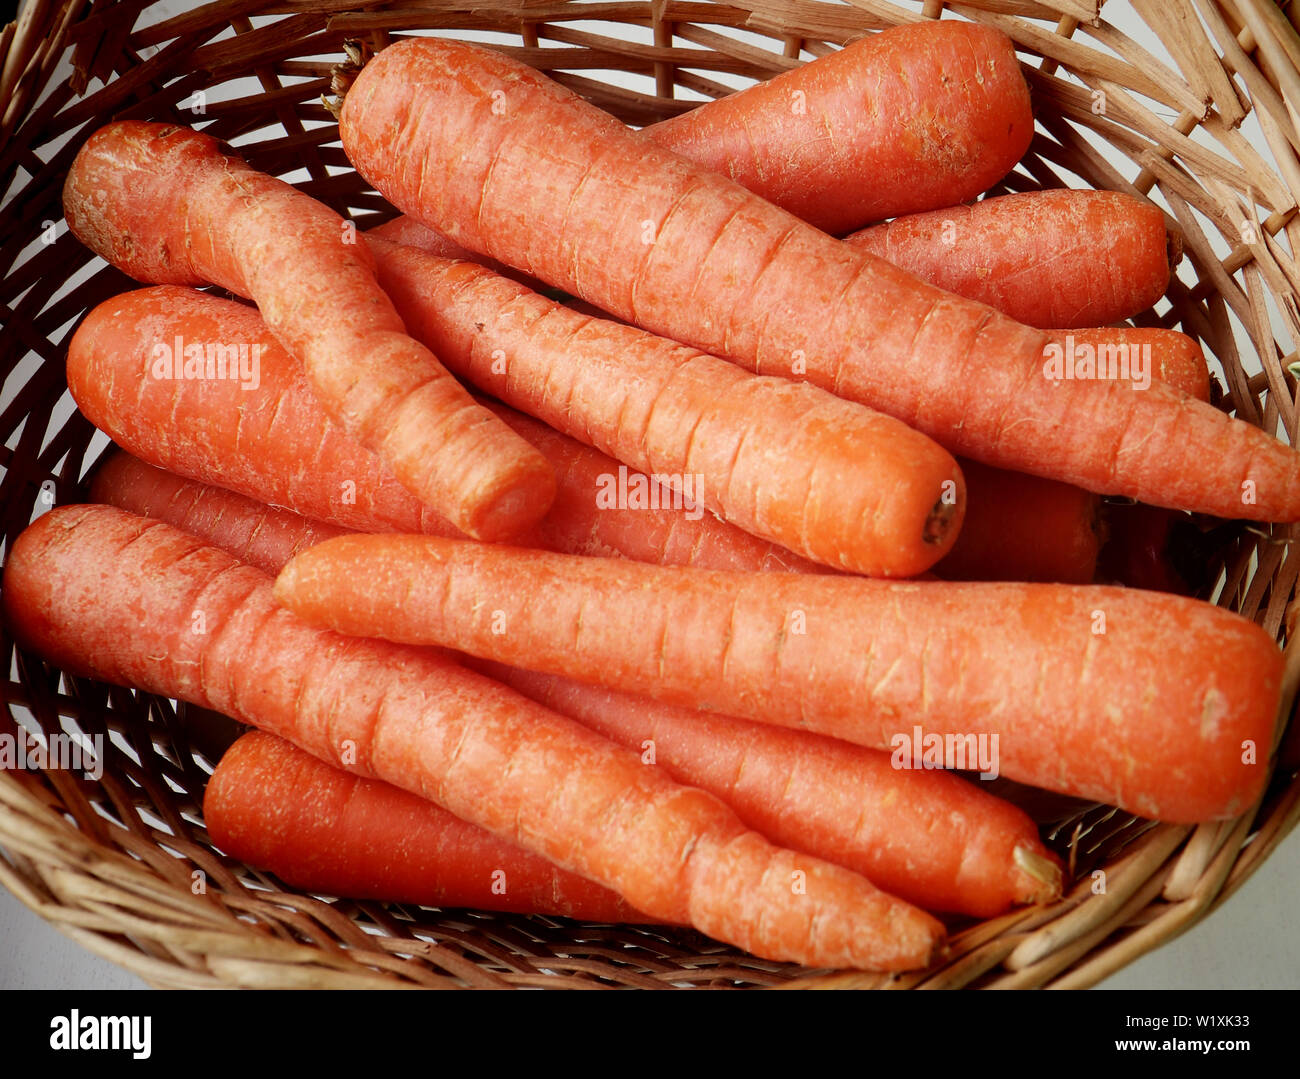 Les carottes avec des couleurs vives dans un panier, des ingrédients sains dans la cuisine Banque D'Images